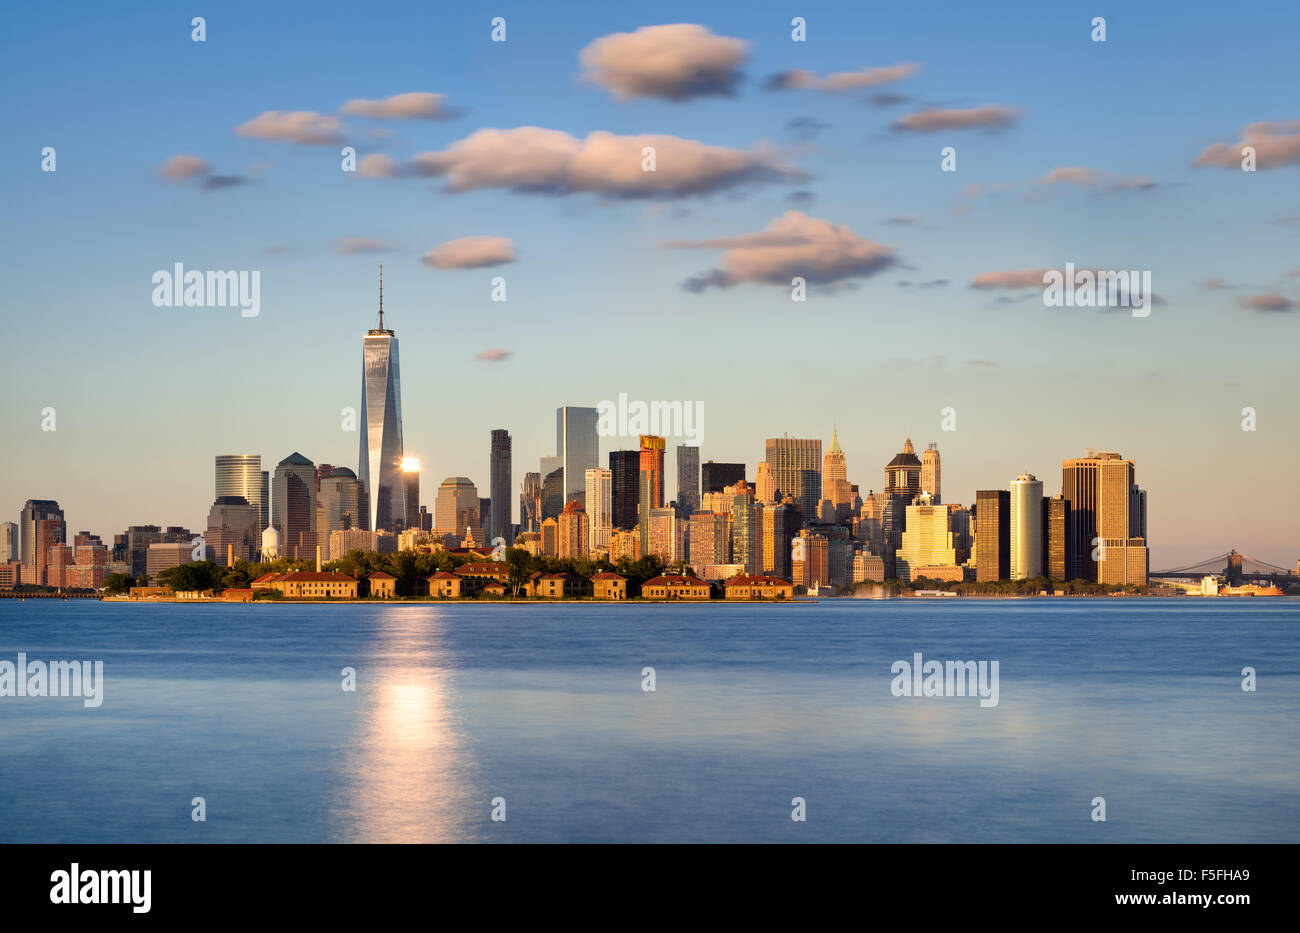 Skyline de New York, Manhattan. Ellis Island s'affiche en face du quartier des gratte-ciel. Banque D'Images